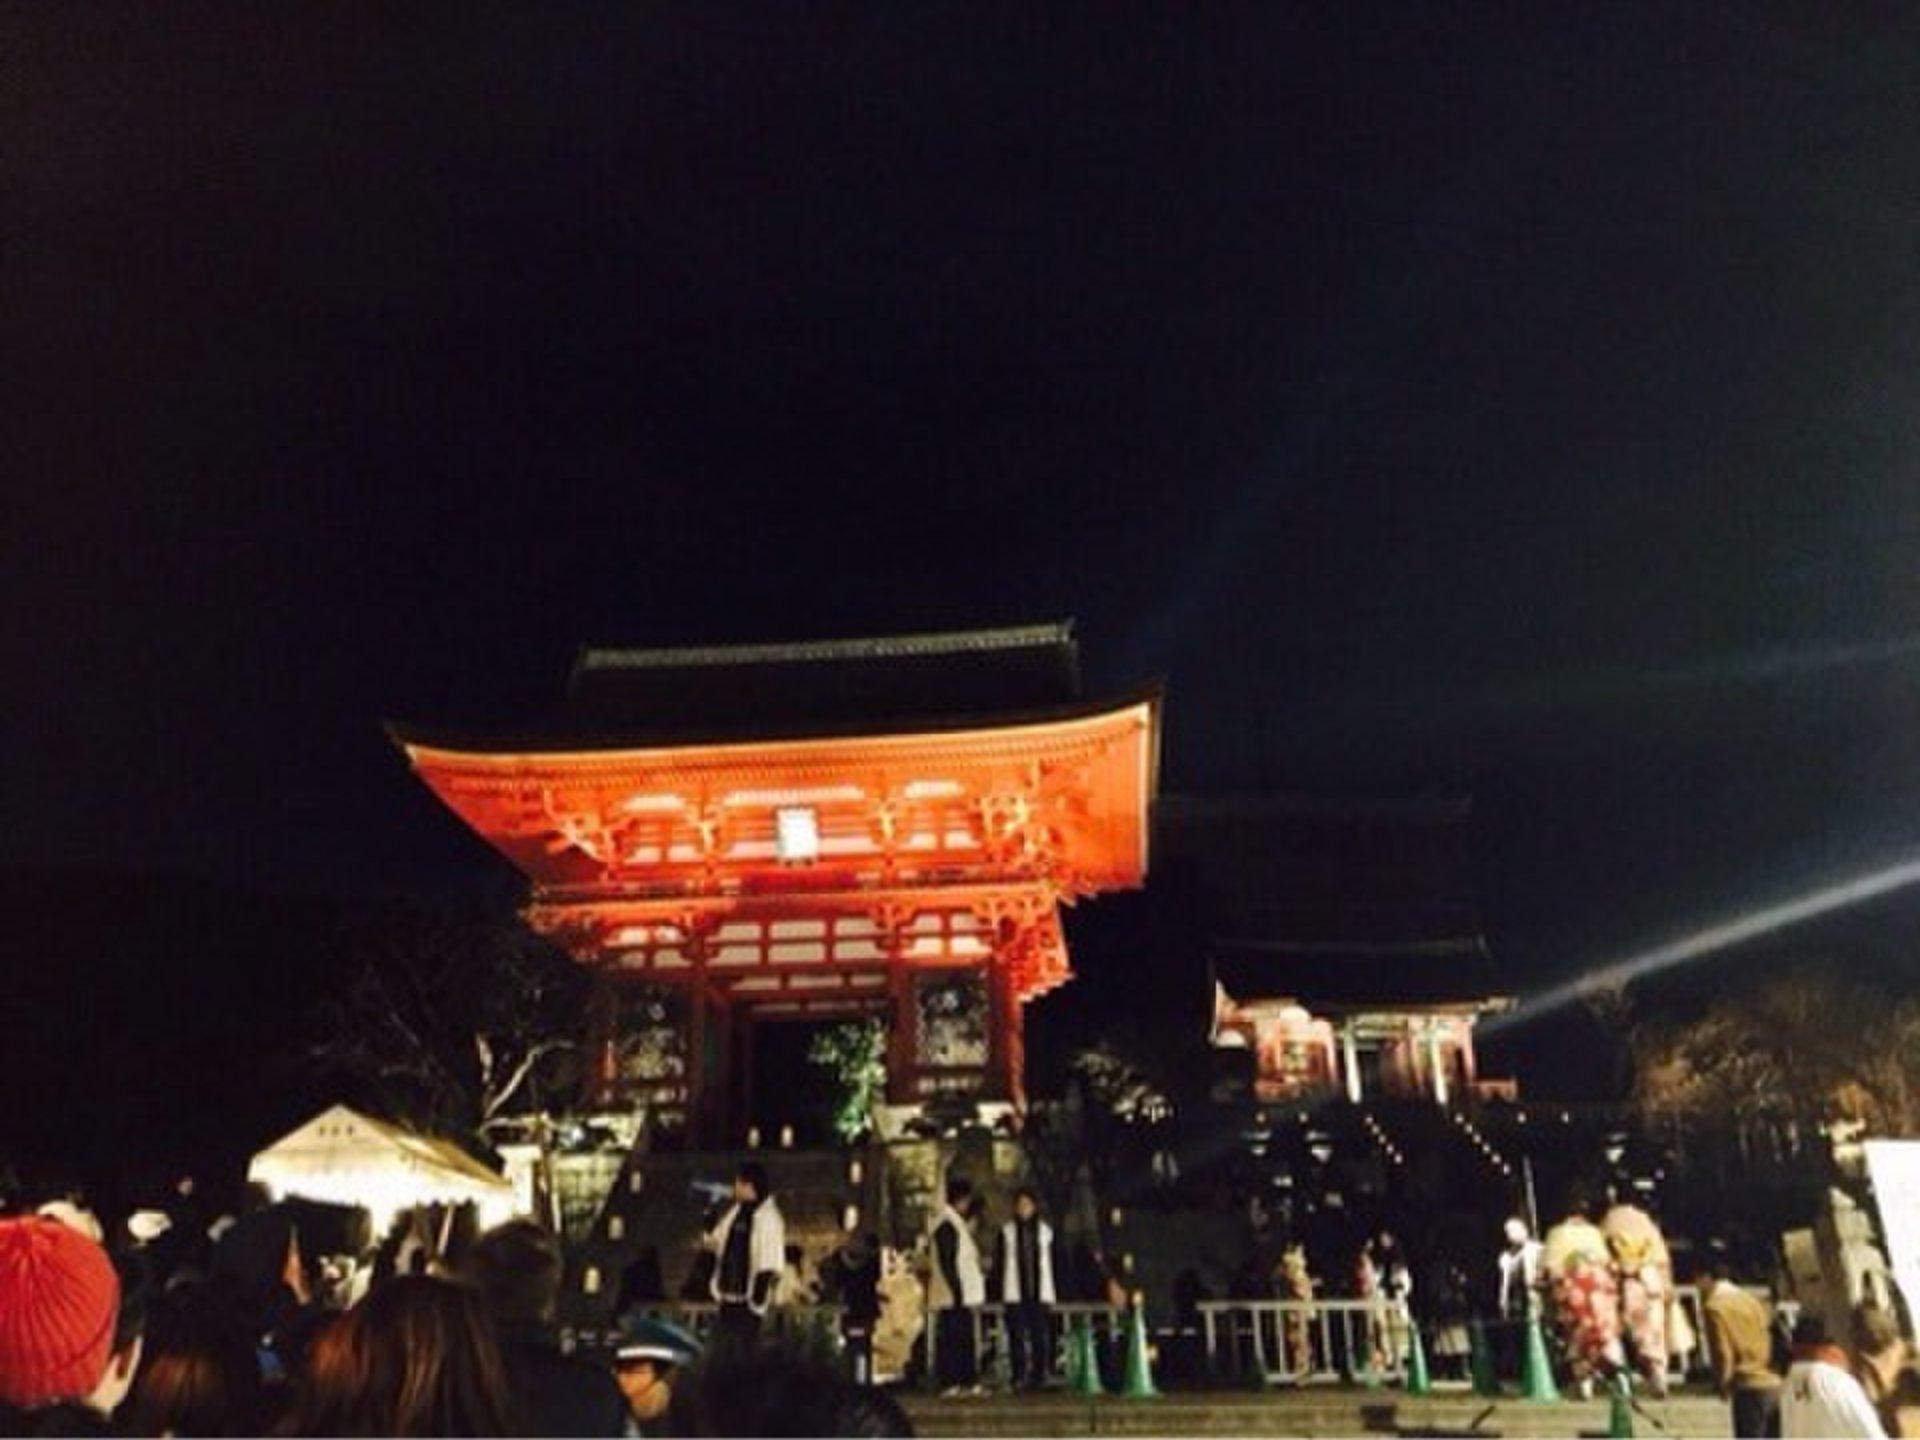 秋の紅葉シーズン限定!京都・清水寺のライトアップで夜間拝観♪